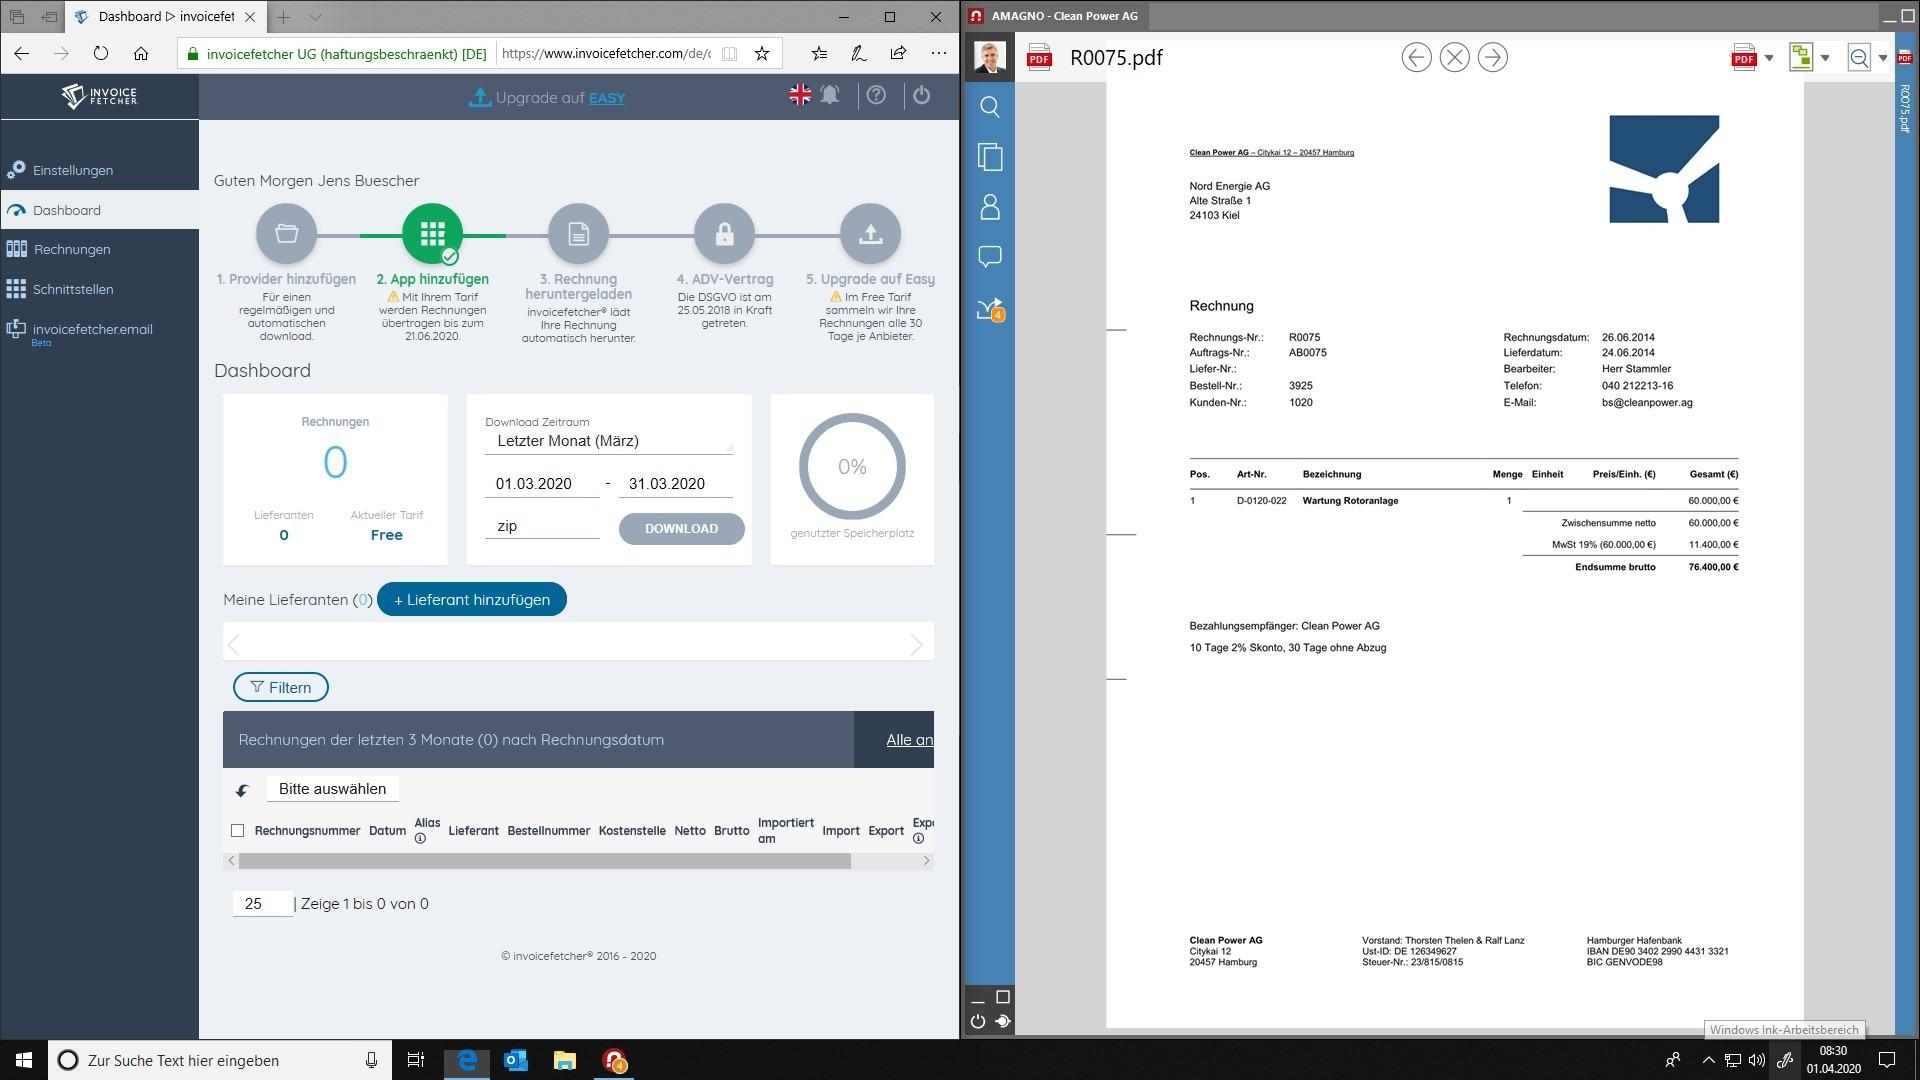 invoicefetcher & AMAGNO: Kooperation bringt Digitalisierung auf nächste Ebene